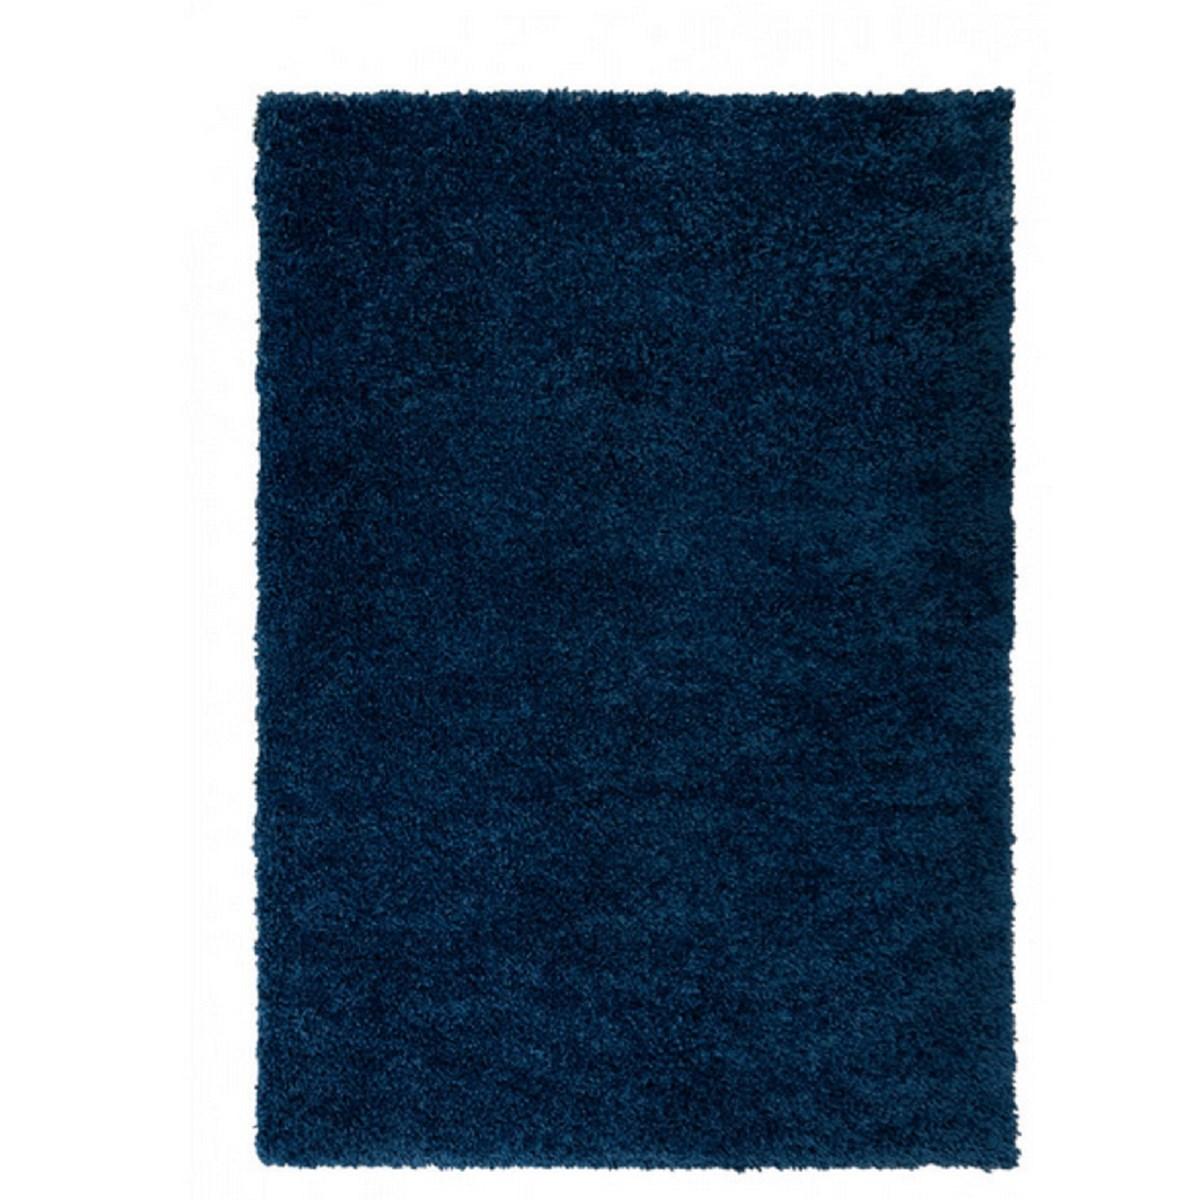 Tapis shaggy en Polypropylène Bleu 120x170 cm